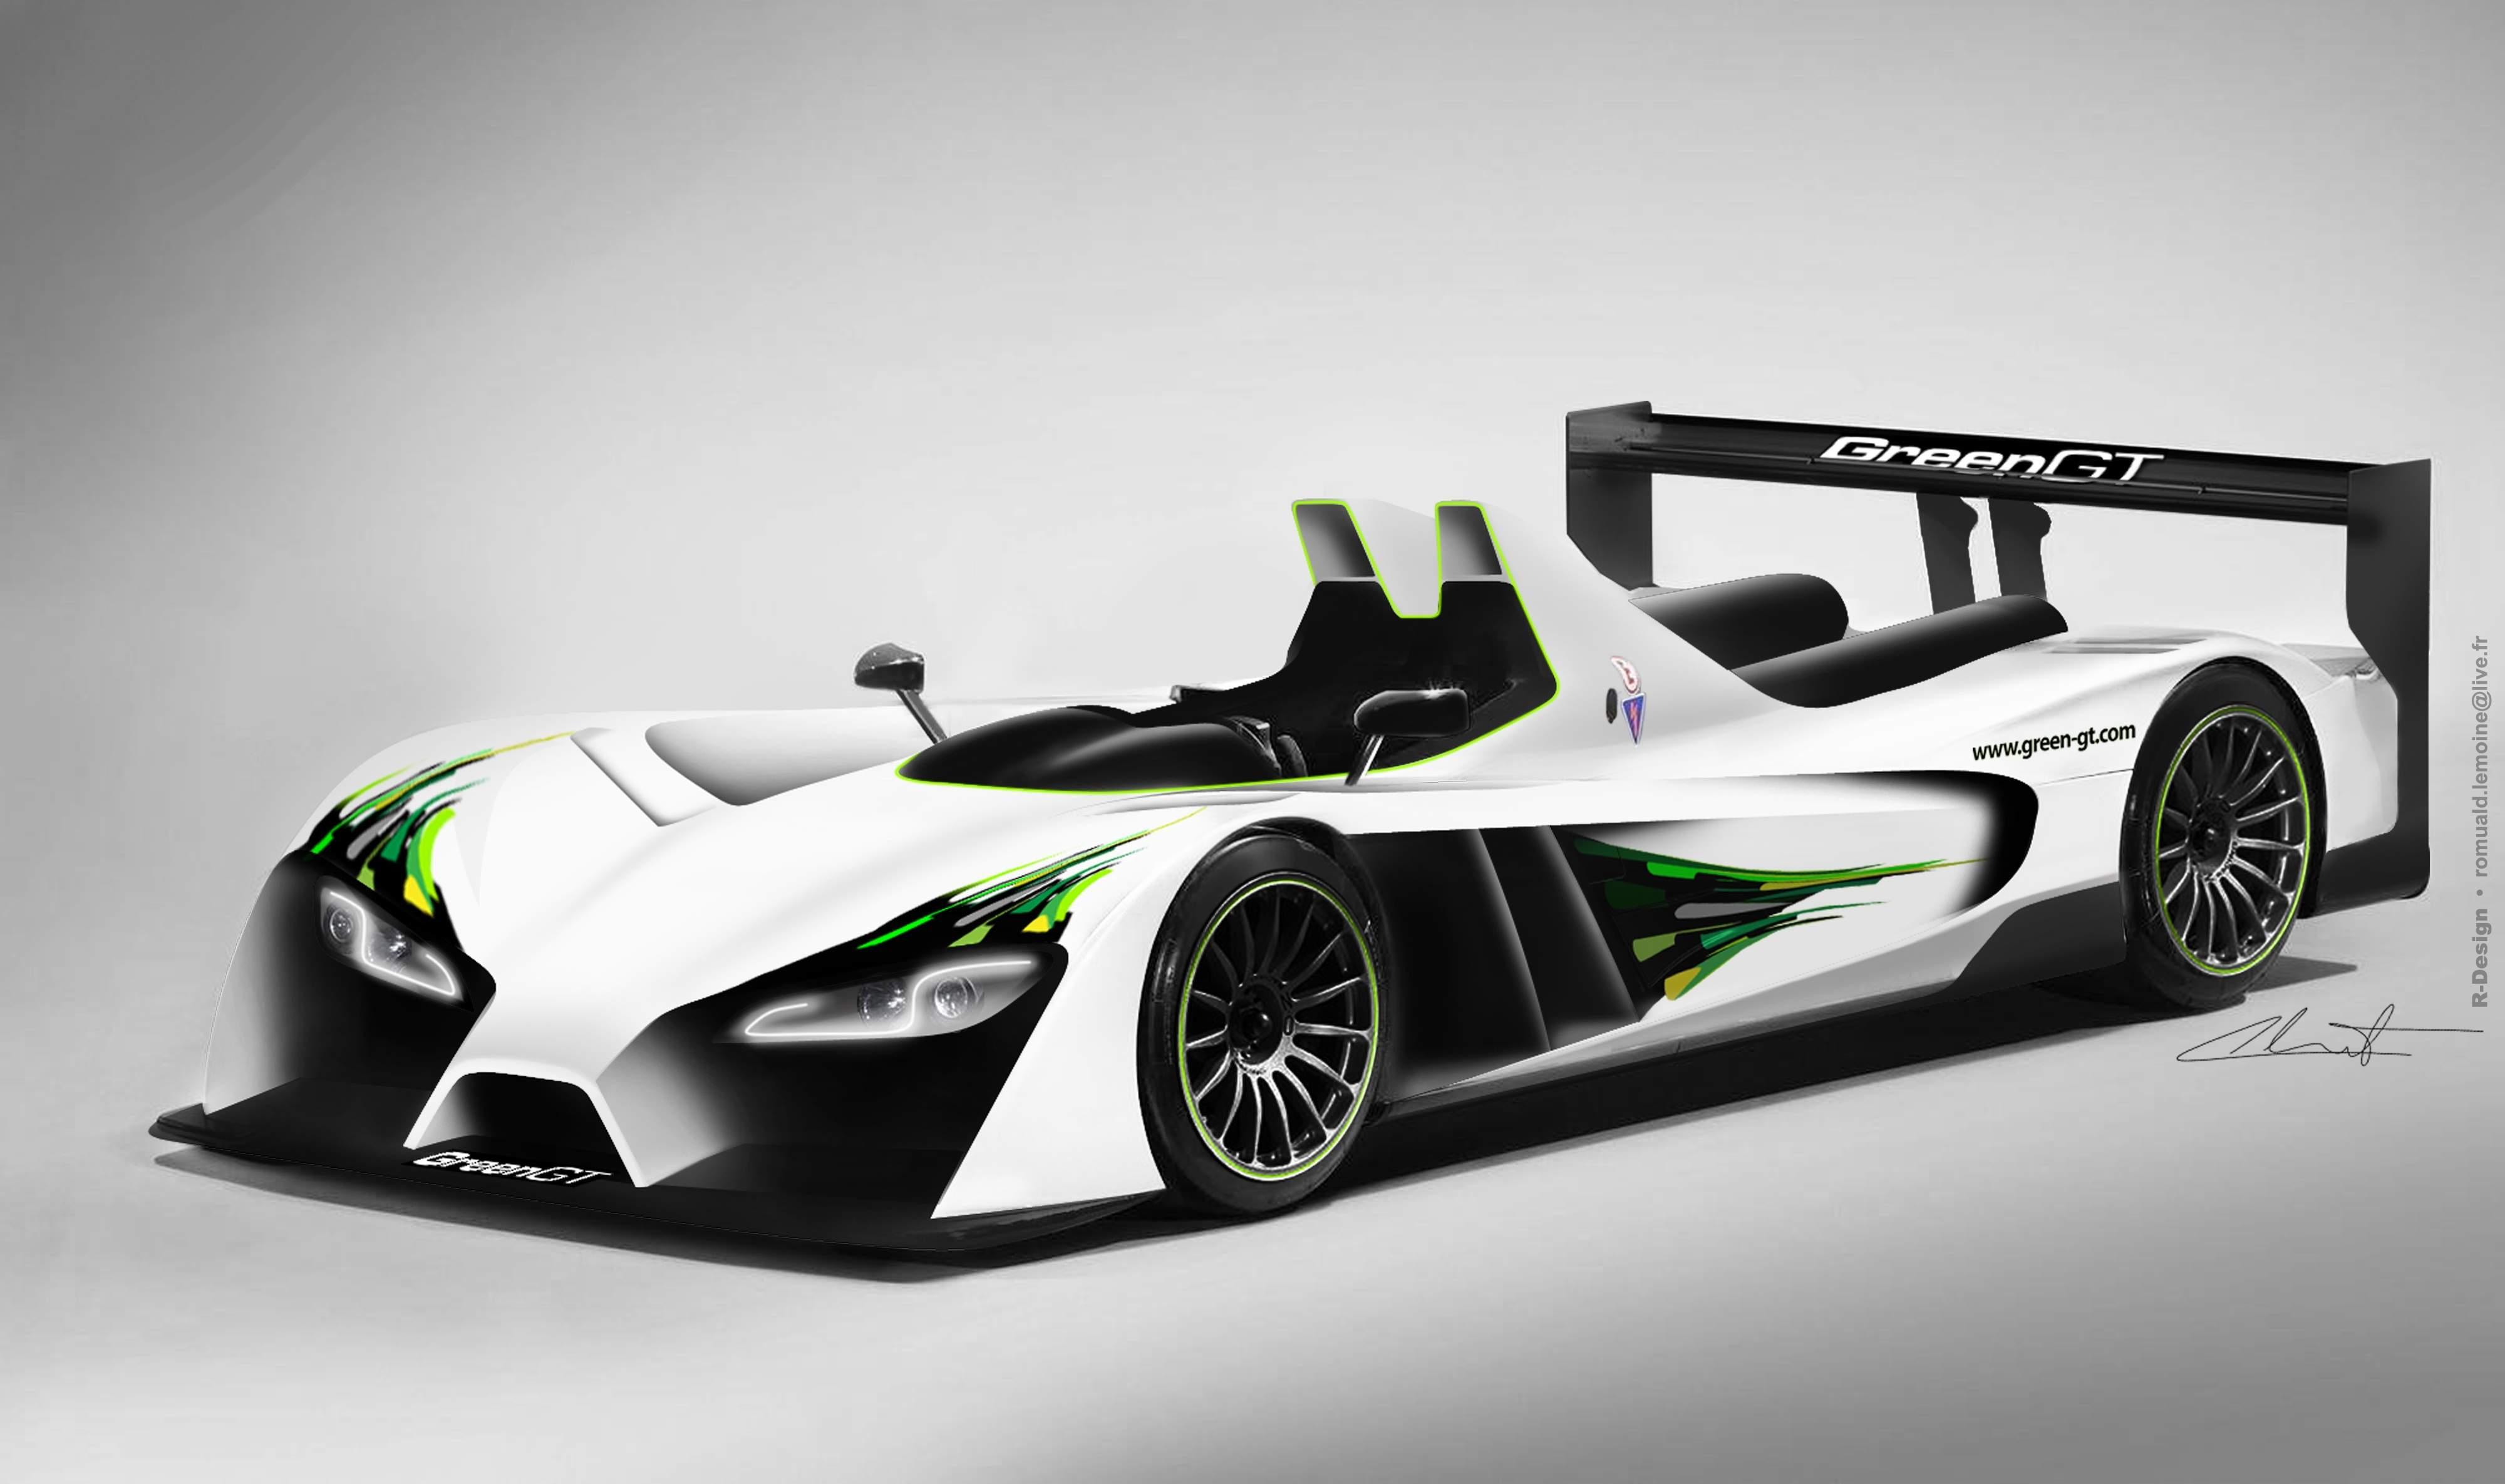 greengt lmph2 hydrogen racer to run 2012 le mans. Black Bedroom Furniture Sets. Home Design Ideas